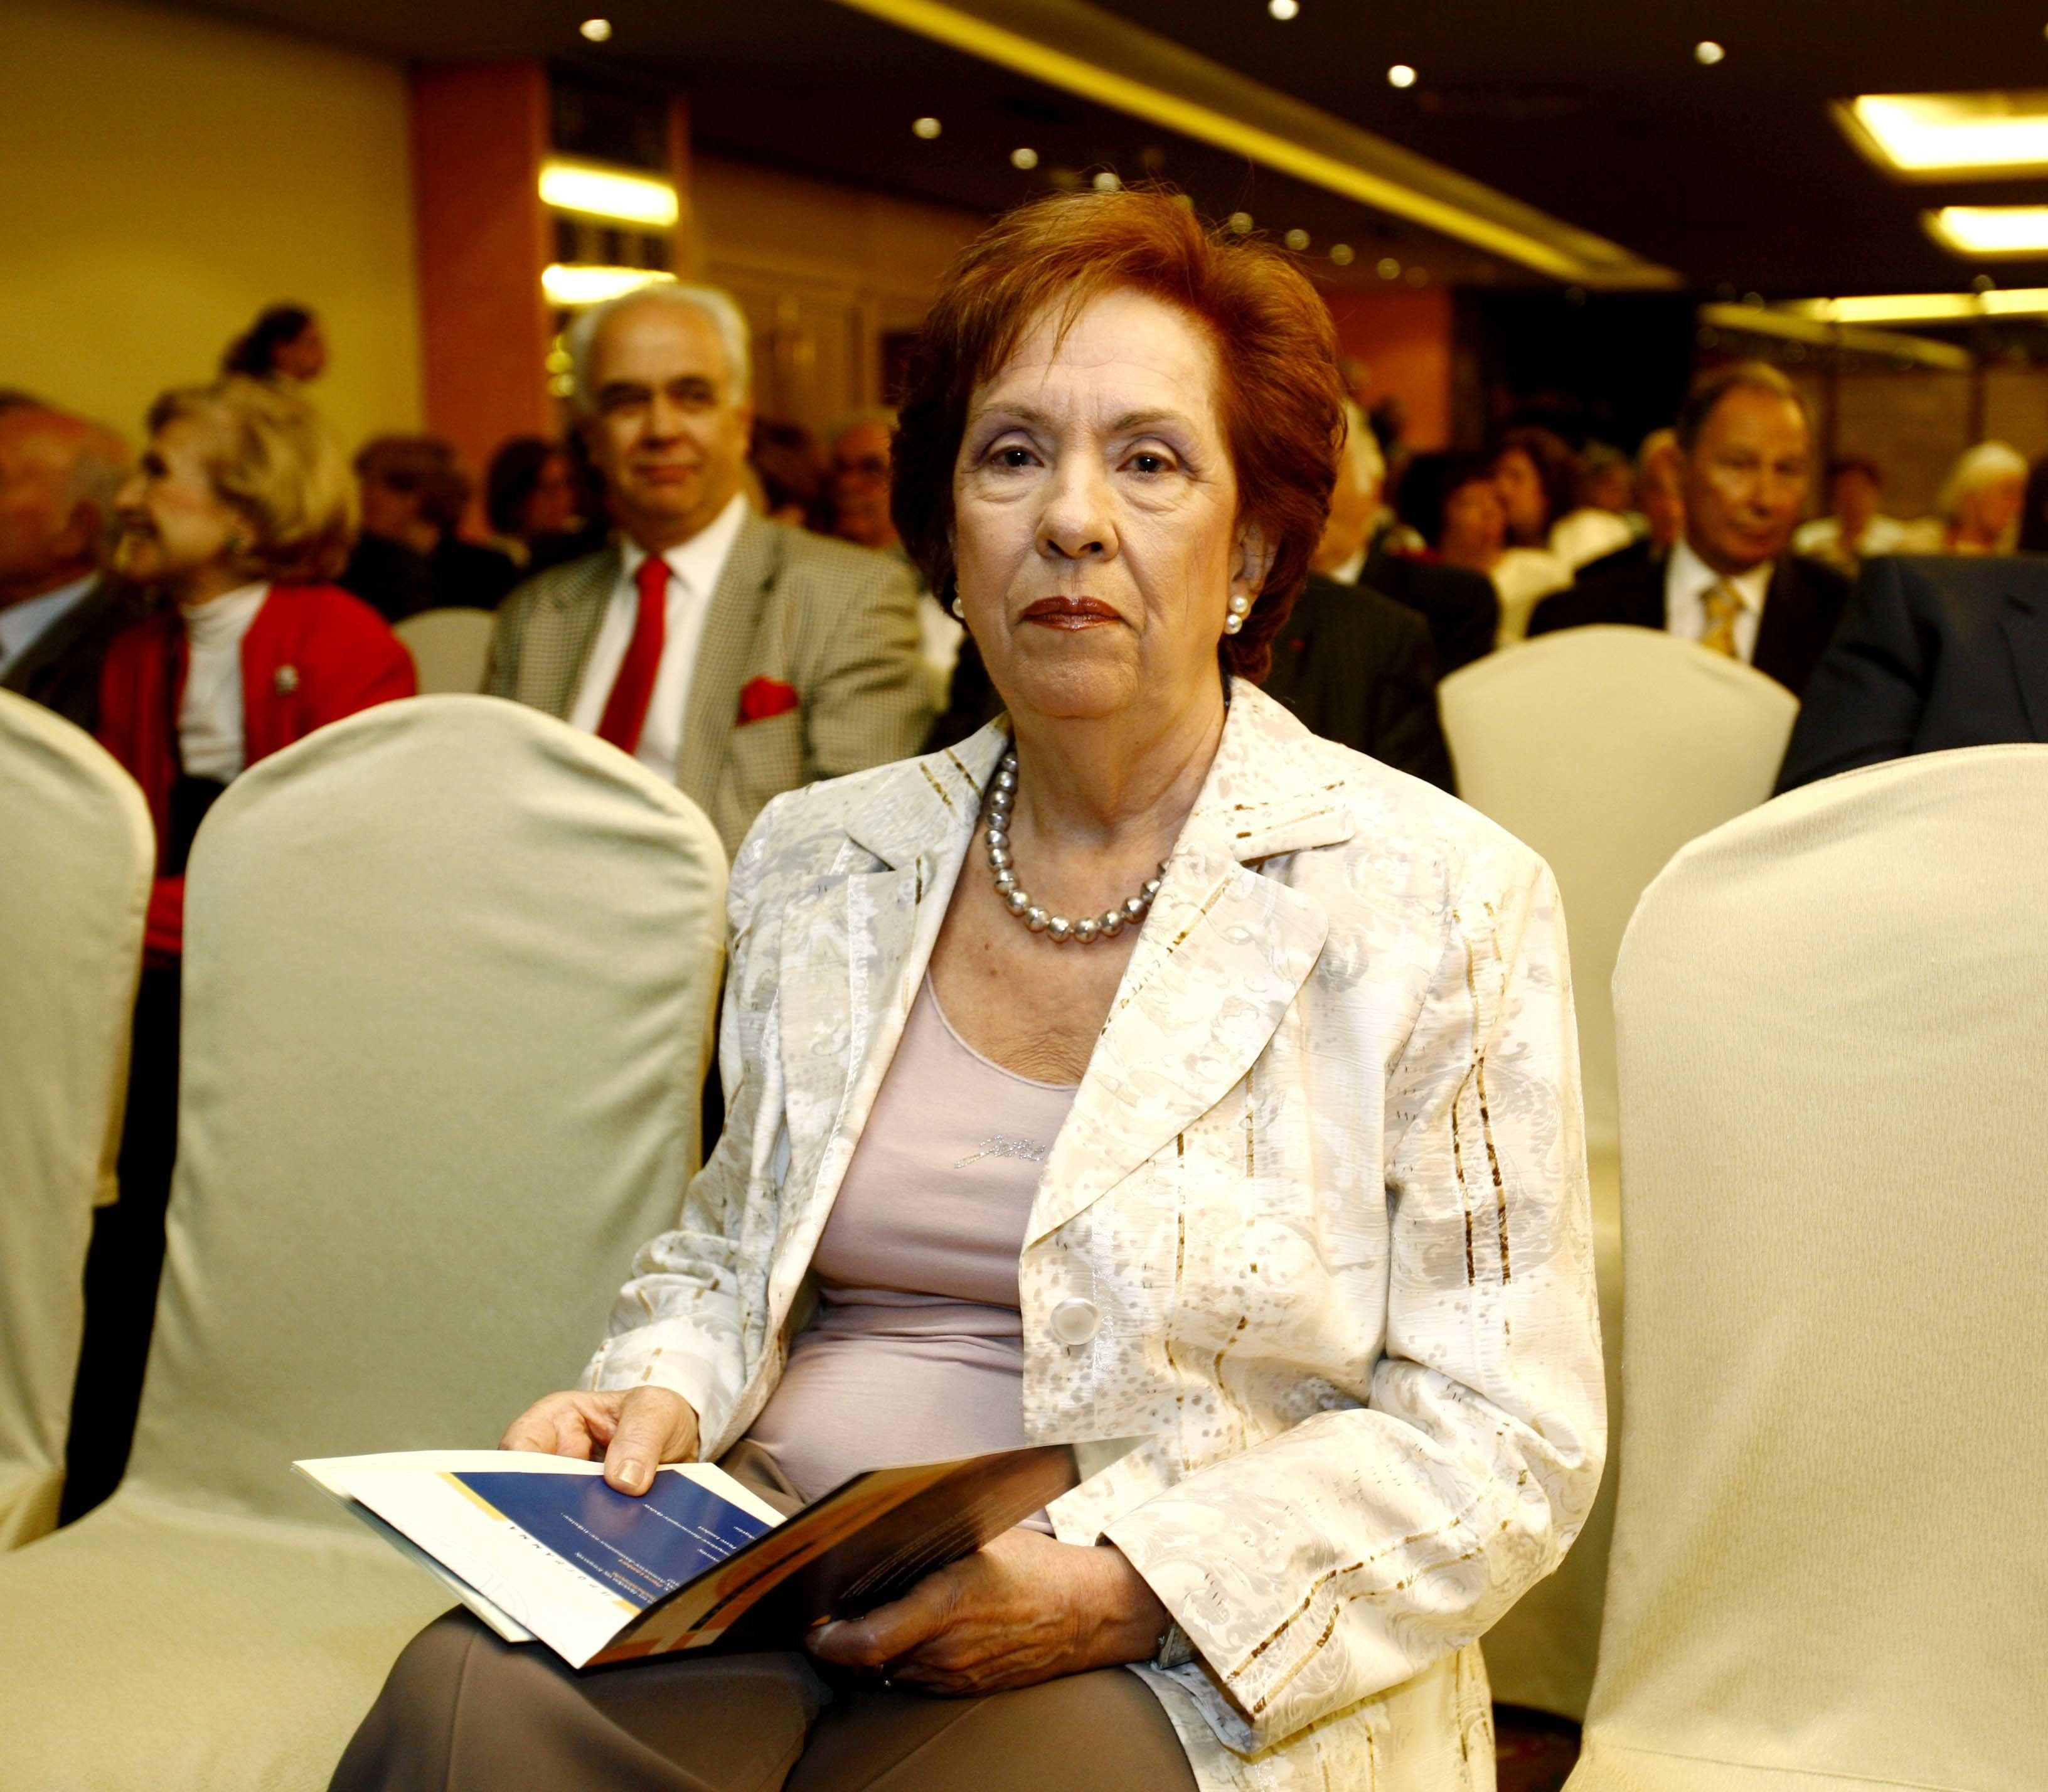 Η Άννα Μπενάκη - Ψαρούδα εξελέγη αντιπρόεδρος της Ακαδημίας